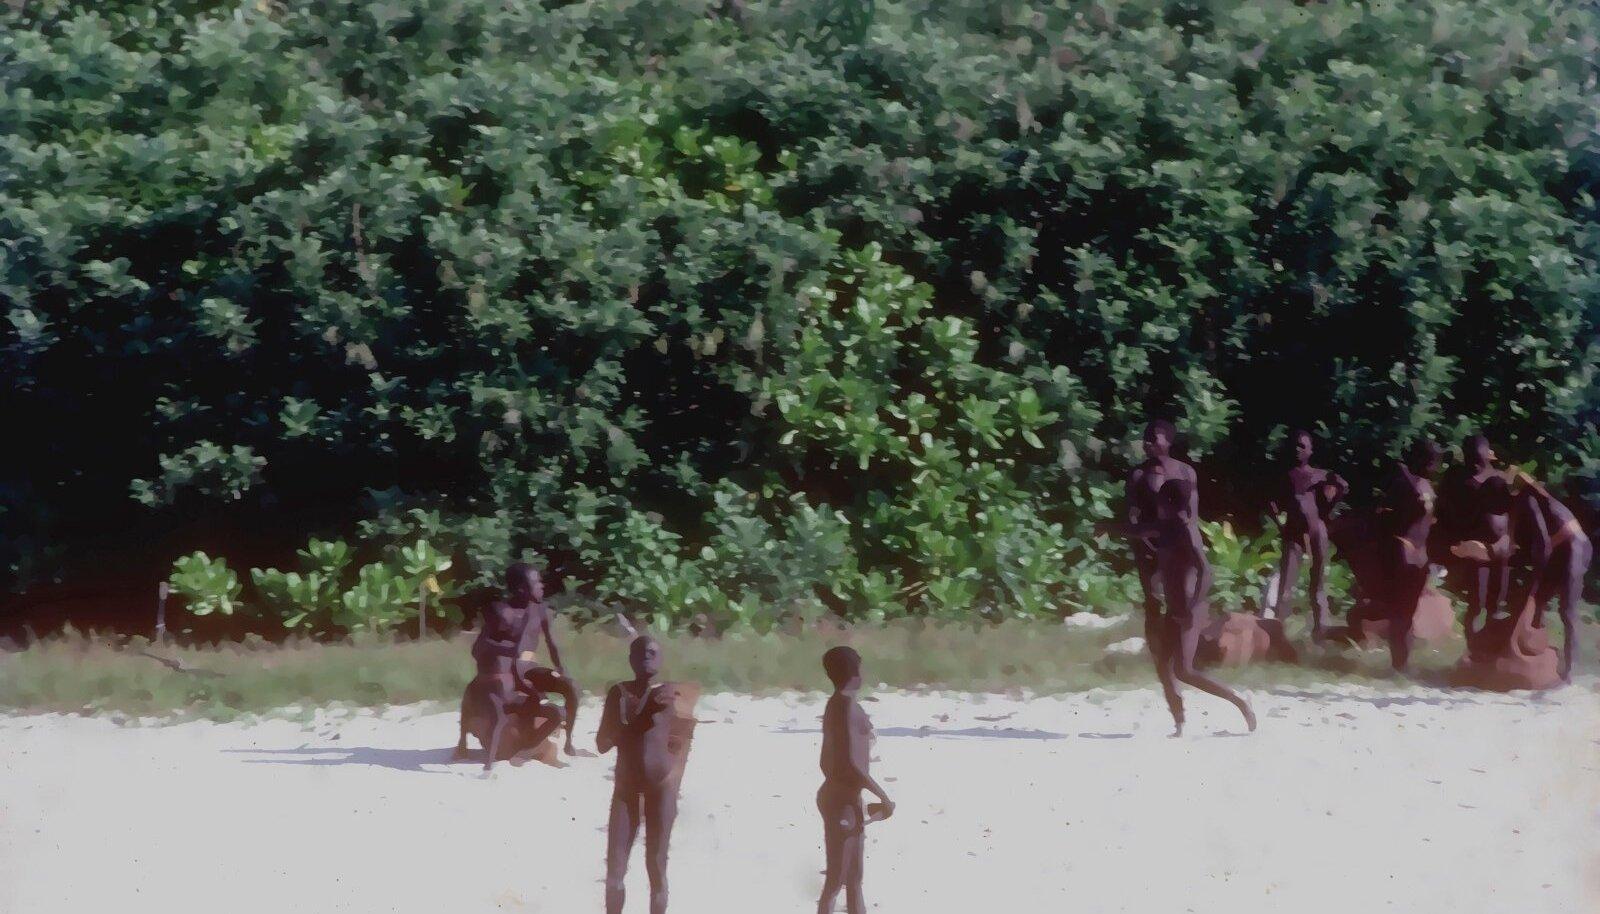 """KUVANDI KONGIS: Marco Polo kirjeldas Andamani saare elanikke kui """"kõige õelamat ja julmemat sugupõlve, kes paistavad söövat ära kõik, kes pole nende oma rassist"""". Kuigi kannibalismikommete sügavus pole teada, on kontaktikatsed pea alati lõppenud noolerahe"""